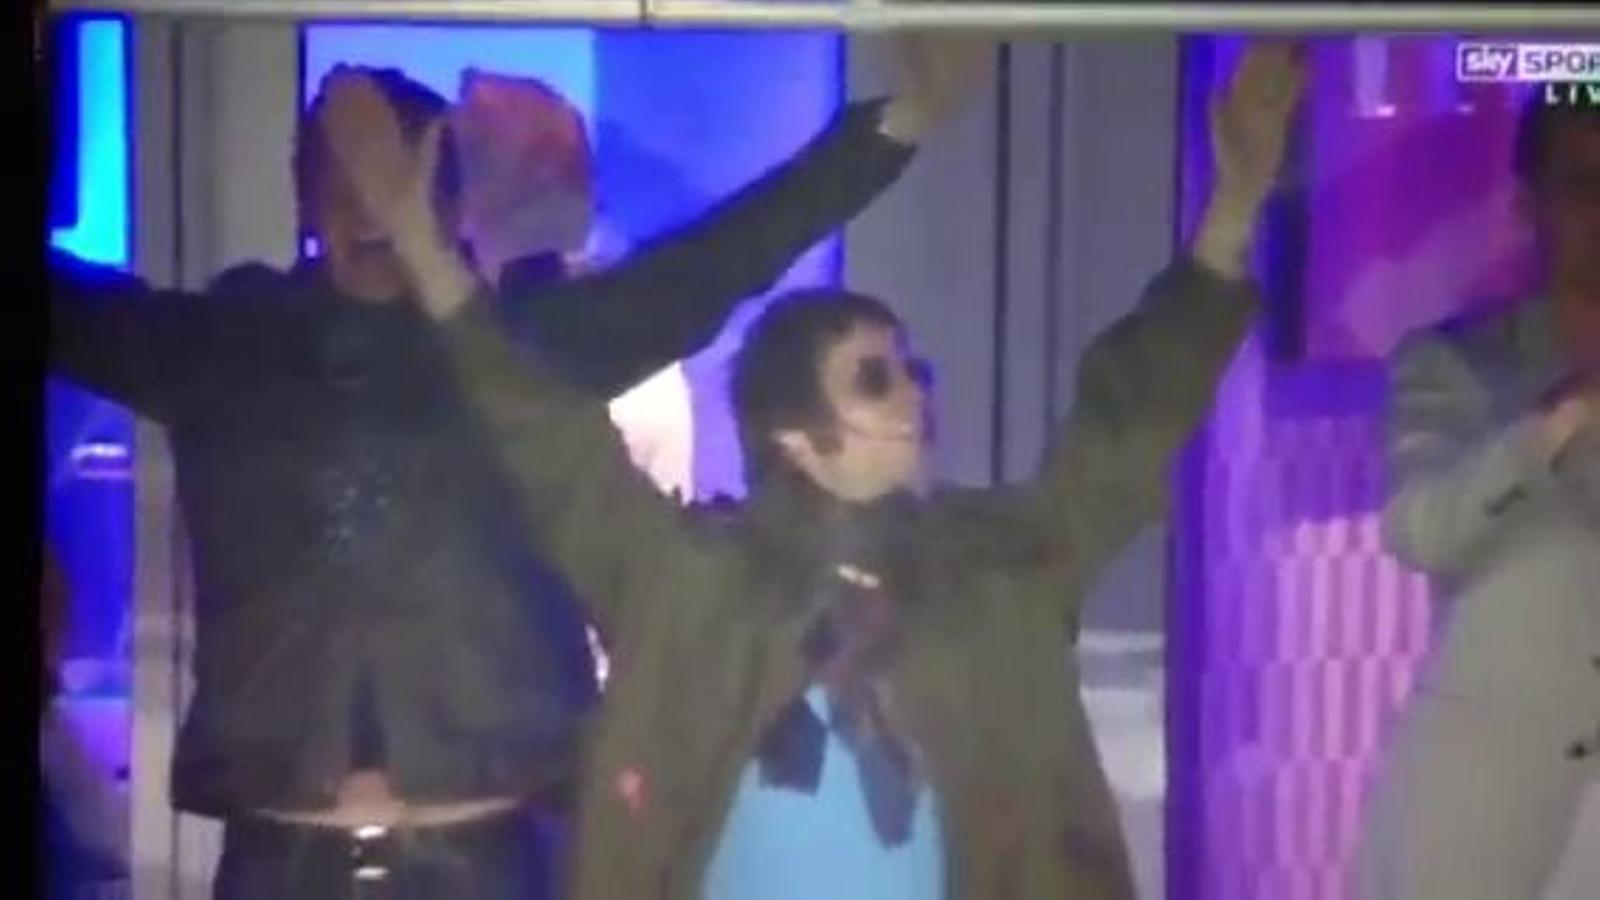 Liam Gallagher i Diego Armando Maradona cantant 'Hey Jude' dels Beatles després de la victòria del Manchester City sobre el United